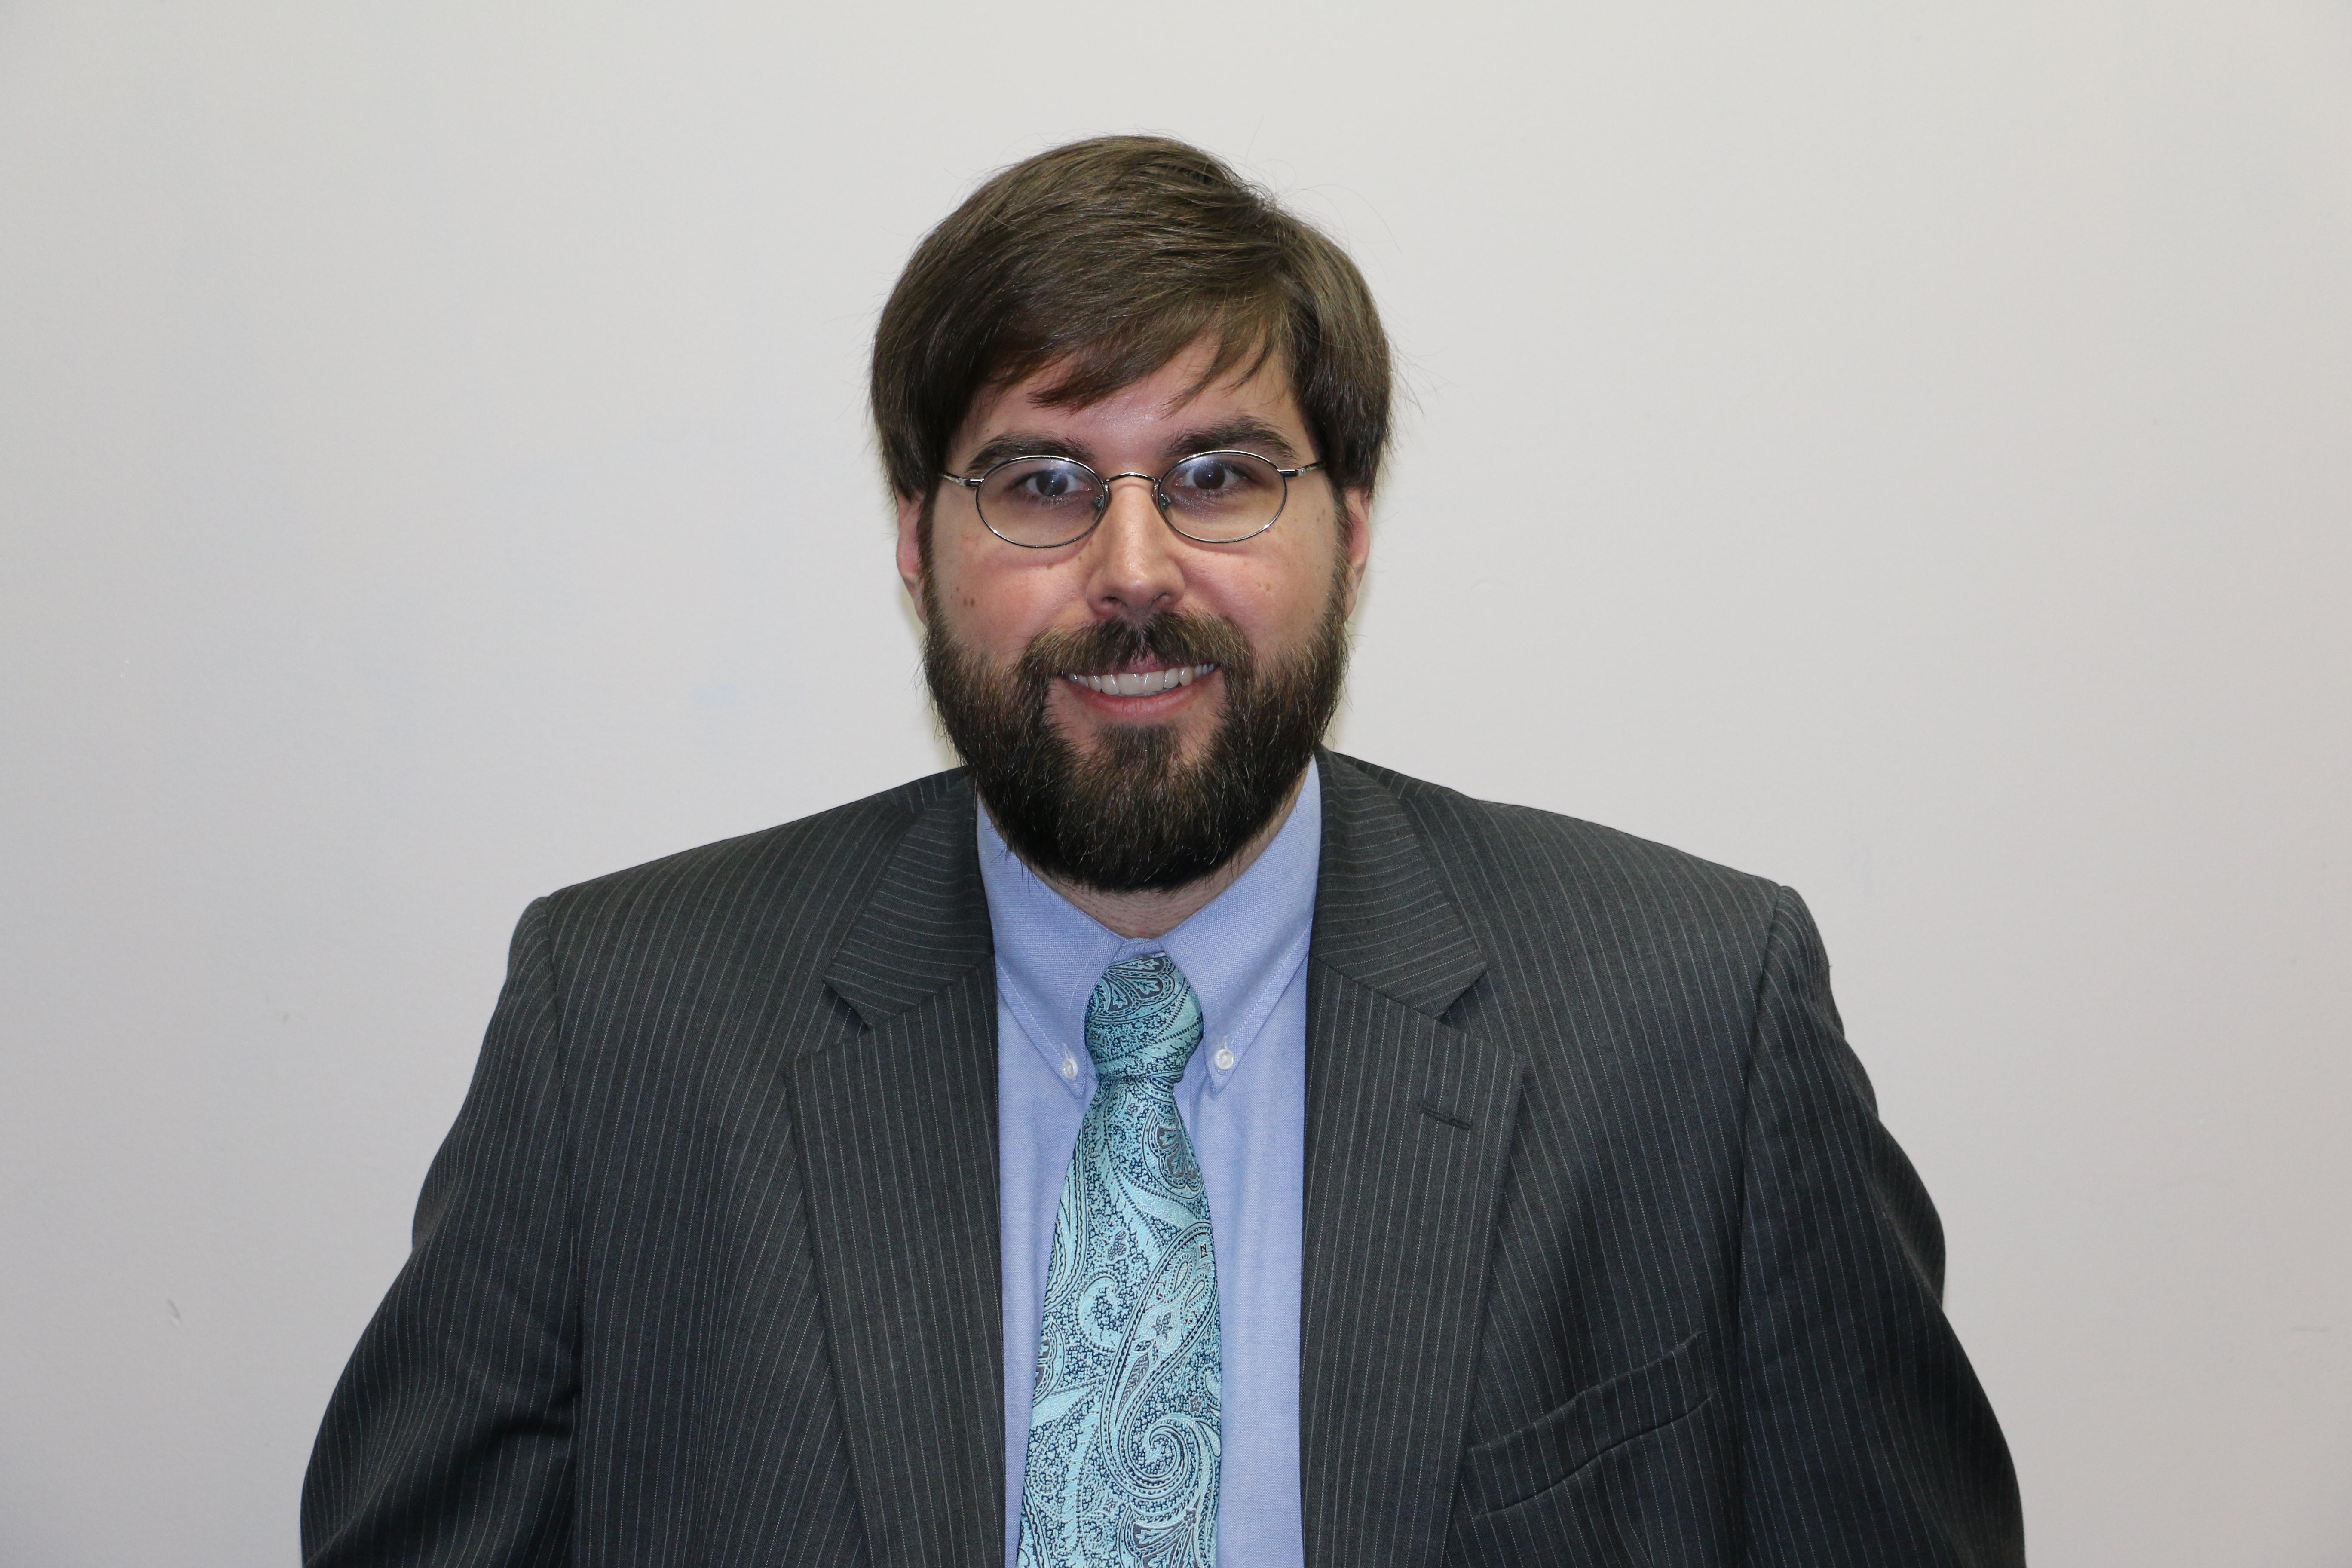 Daniel Rudisill